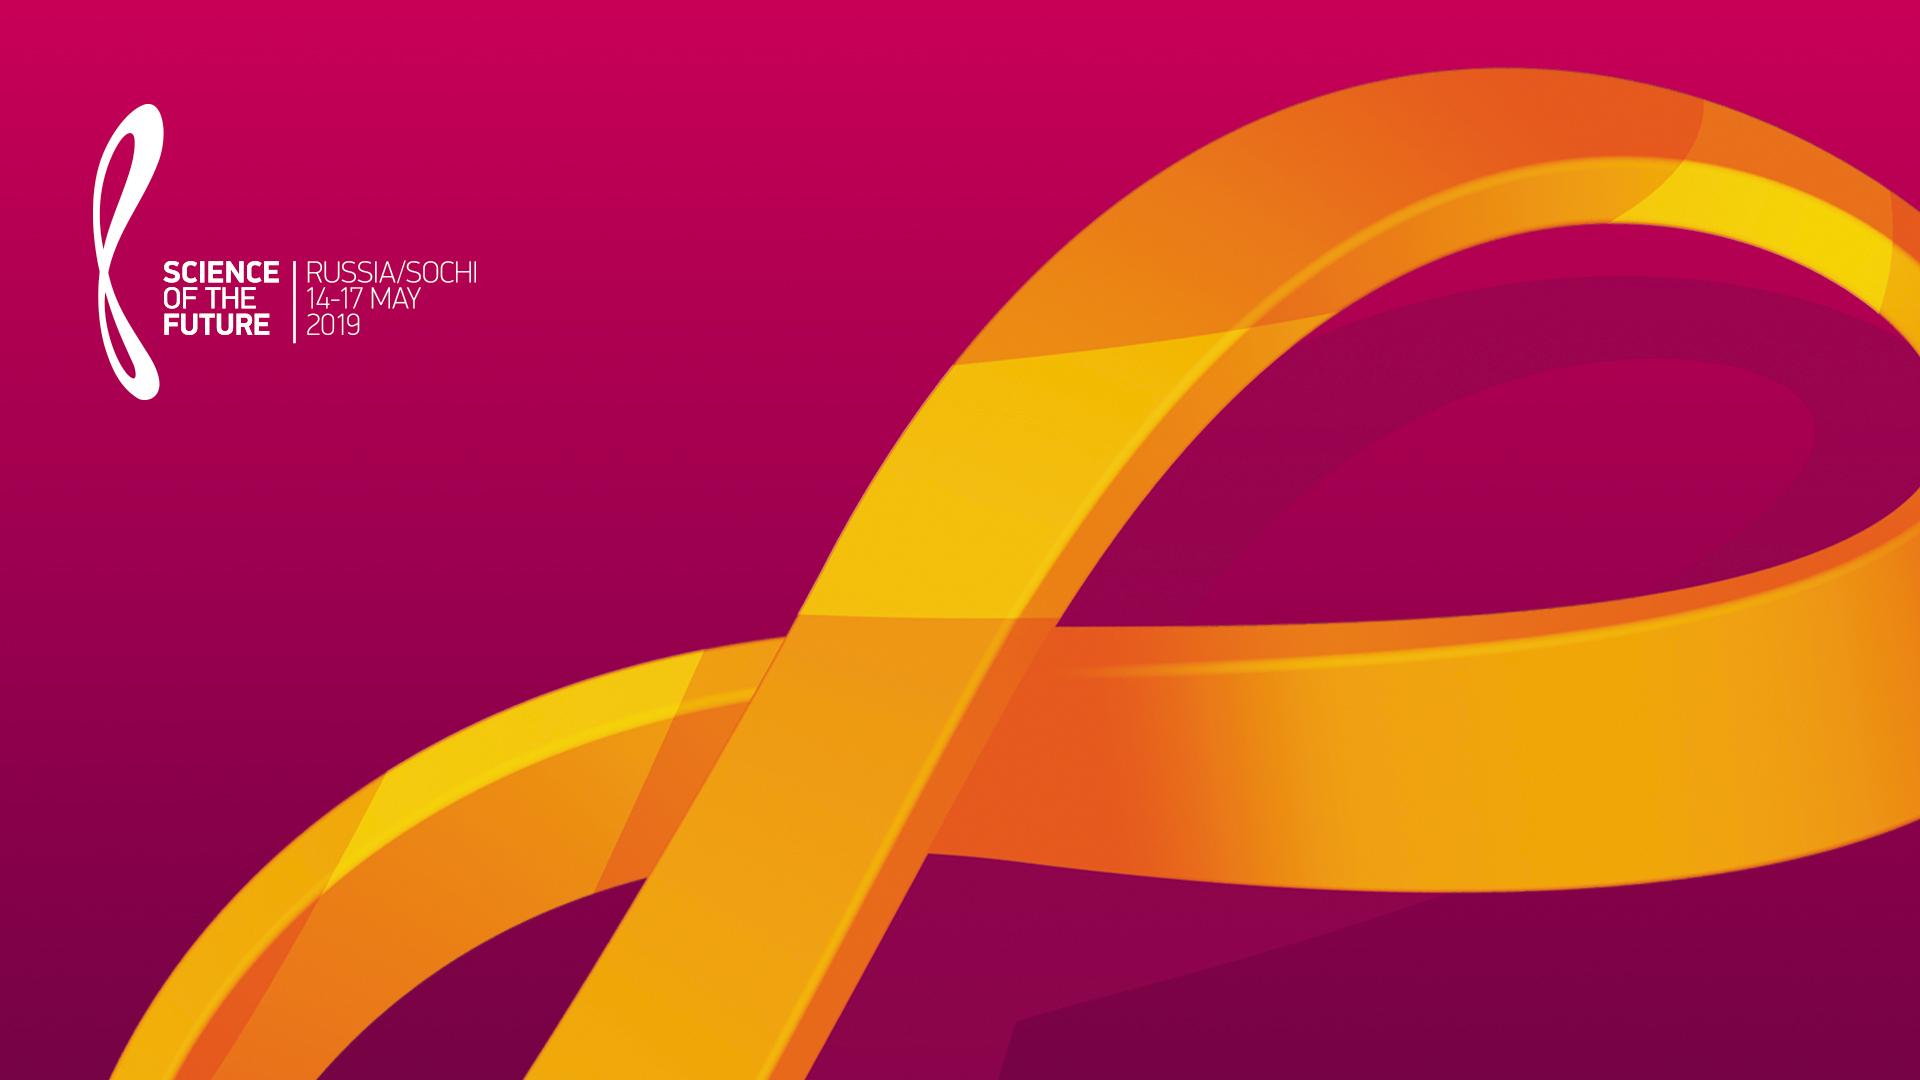 Asgard Branding, corporate identity, key visual design, conferenсe, Science of the Future, logo, design, stage design